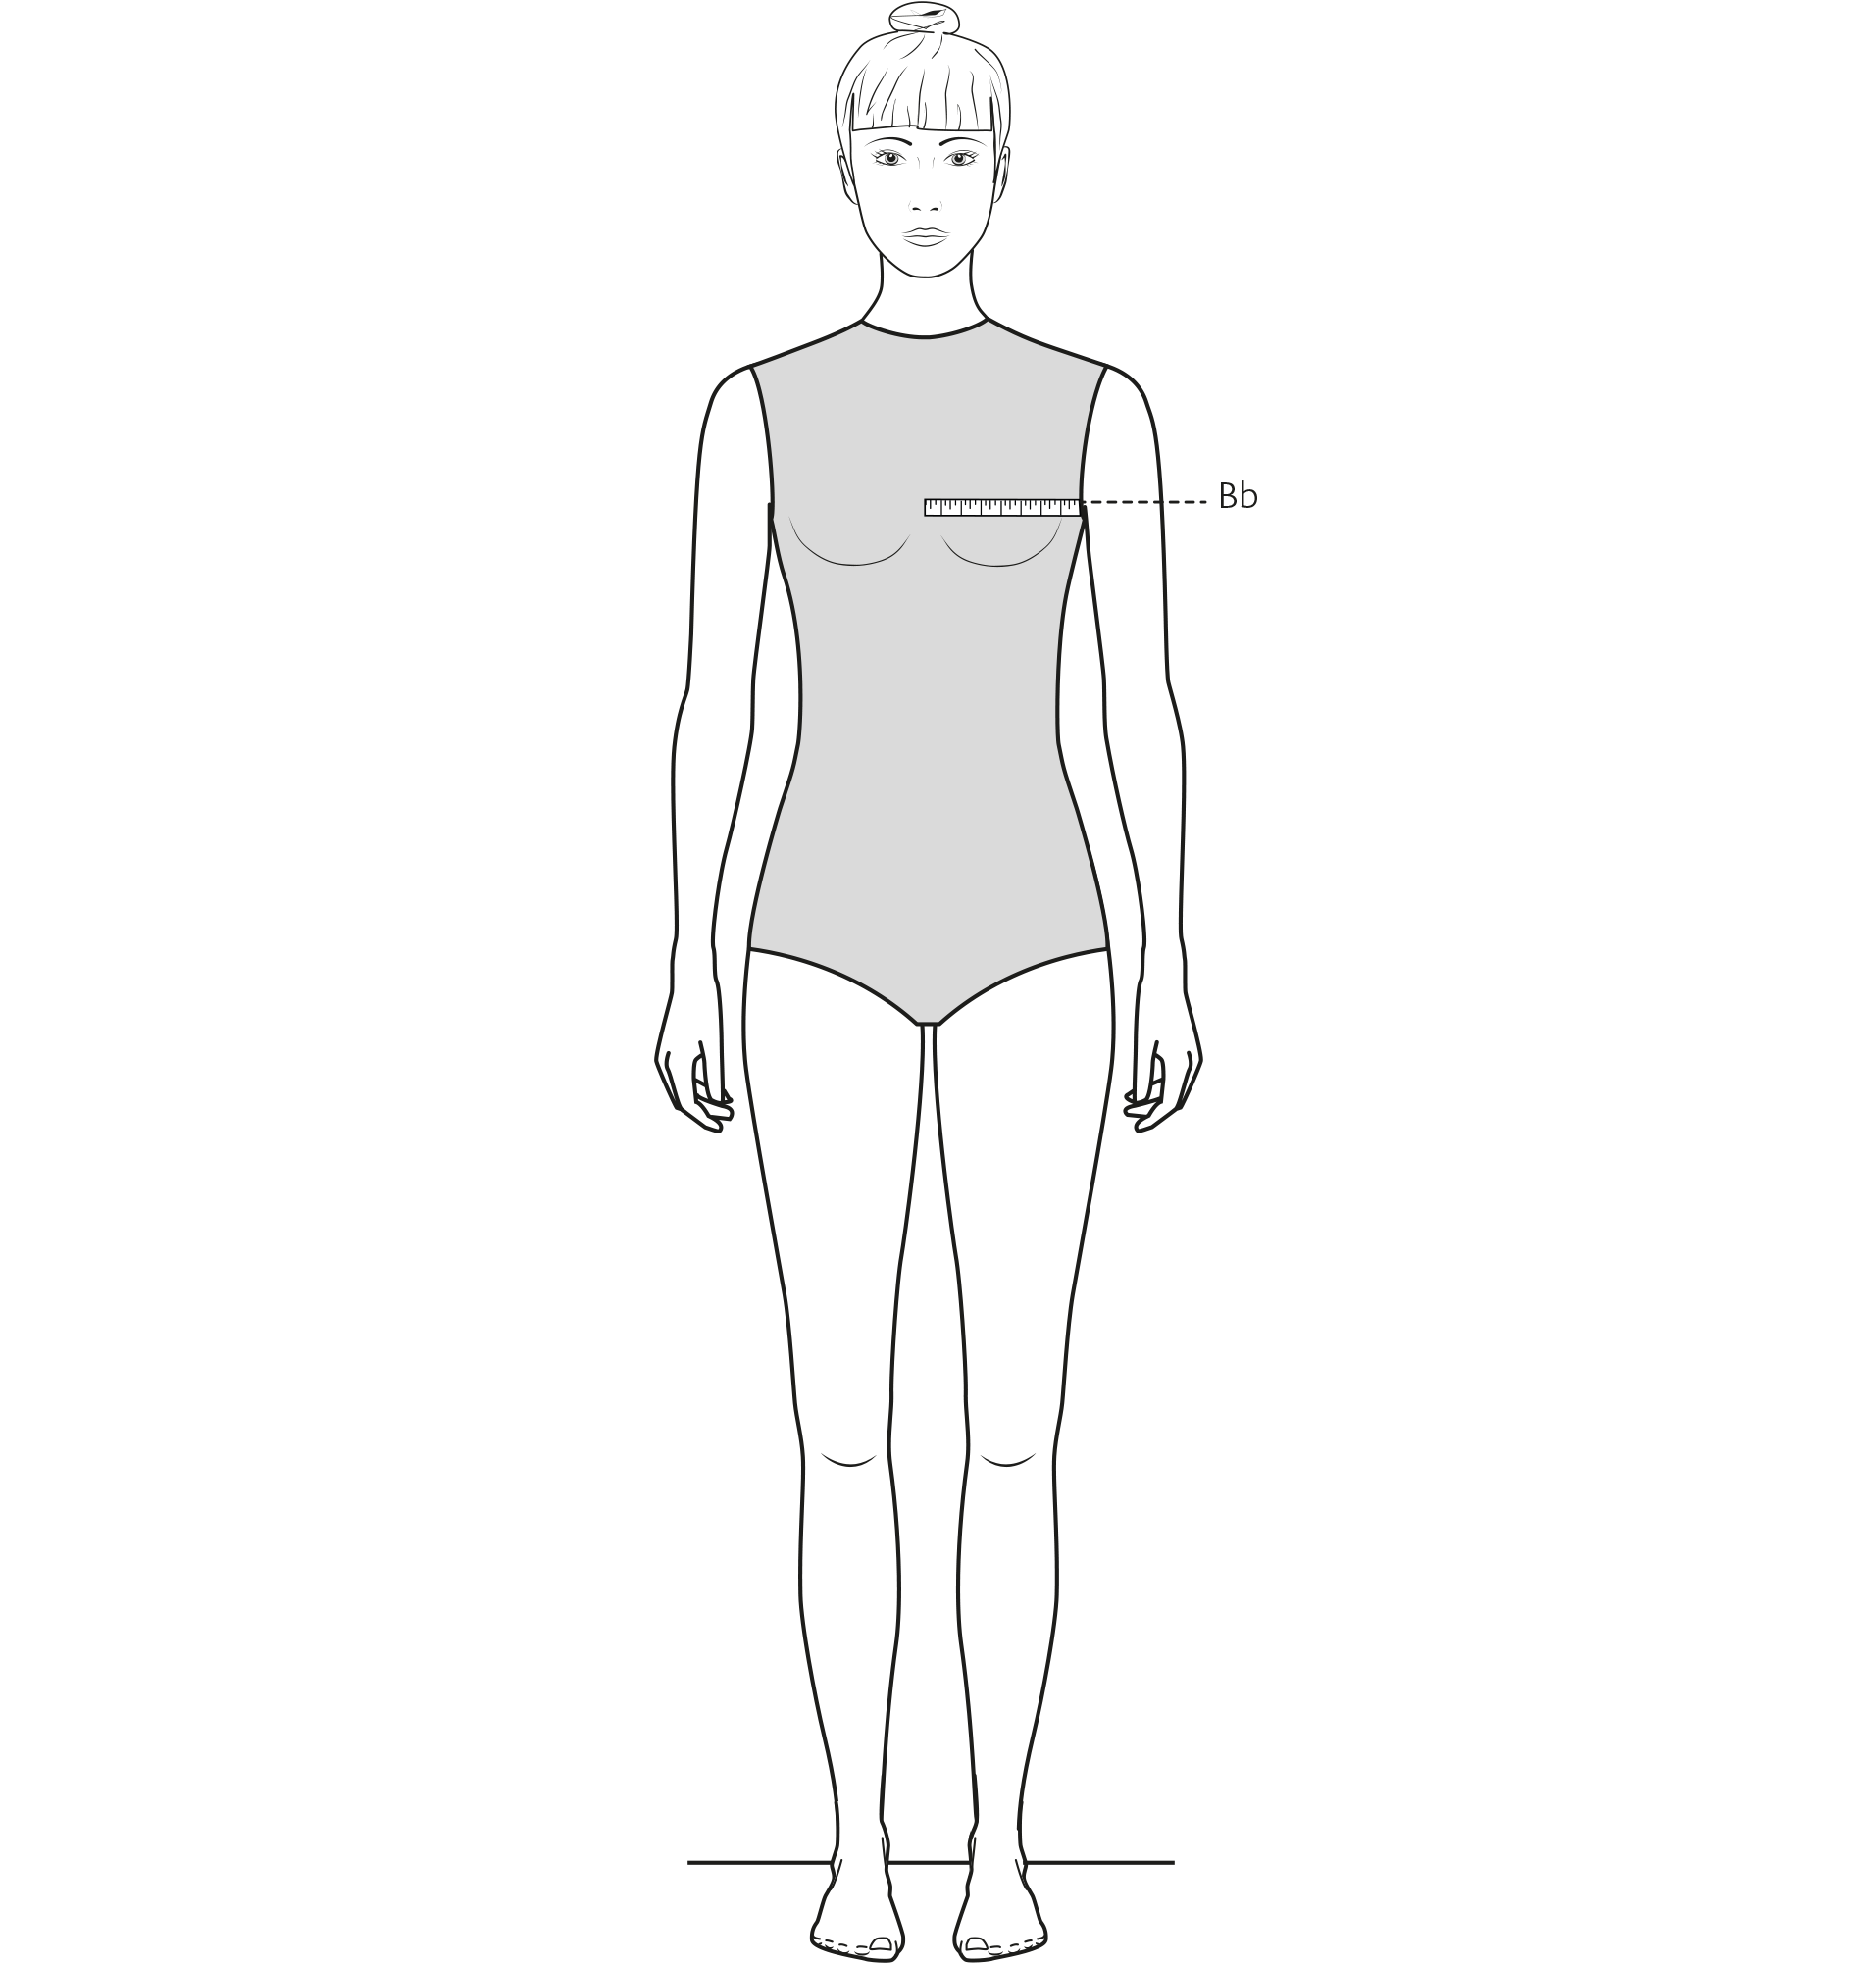 Diese Zeichnung zeigt das Messen der Brustbreite.